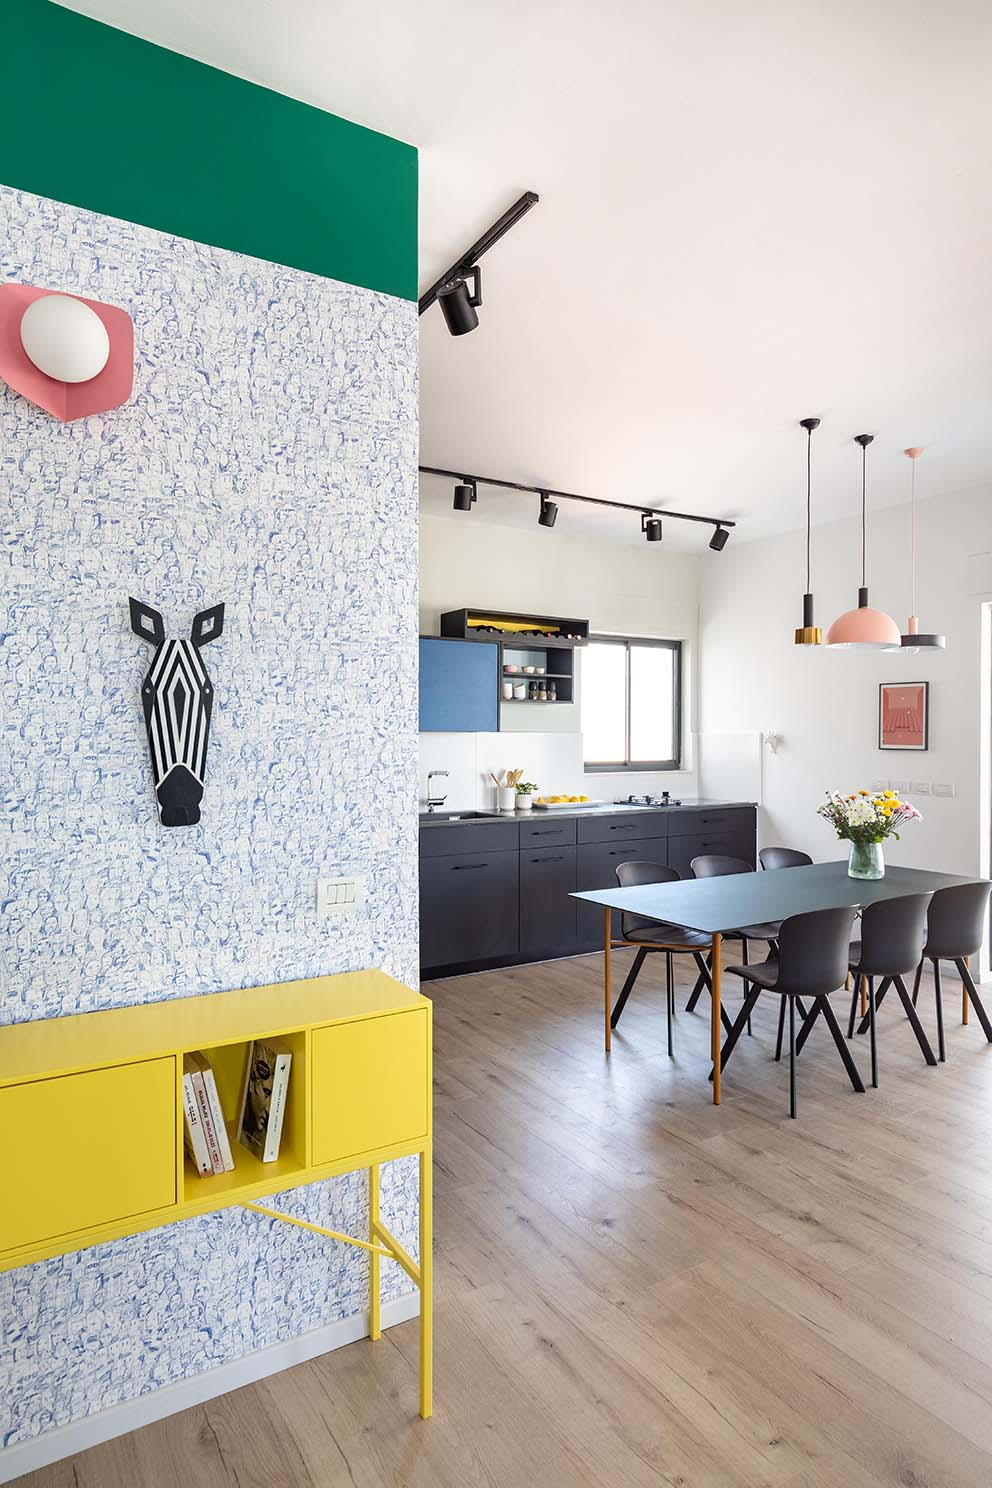 כוחו של הצבע, בית בעיצובה של נגה פרשני,צילום: אורית ארנון www.pnim.co.il